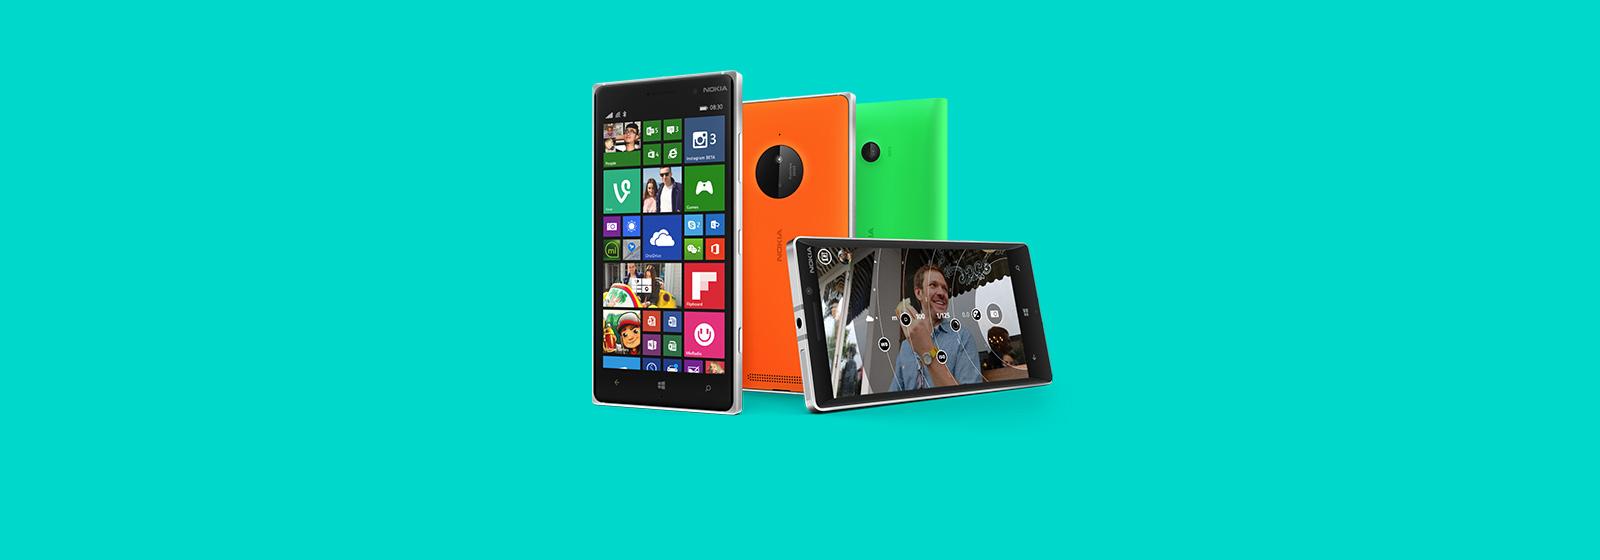 """Dar daugiau nuveikite naudodami savo išmanųjį telefoną. Sužinokite apie """"Lumia"""" įrenginius."""